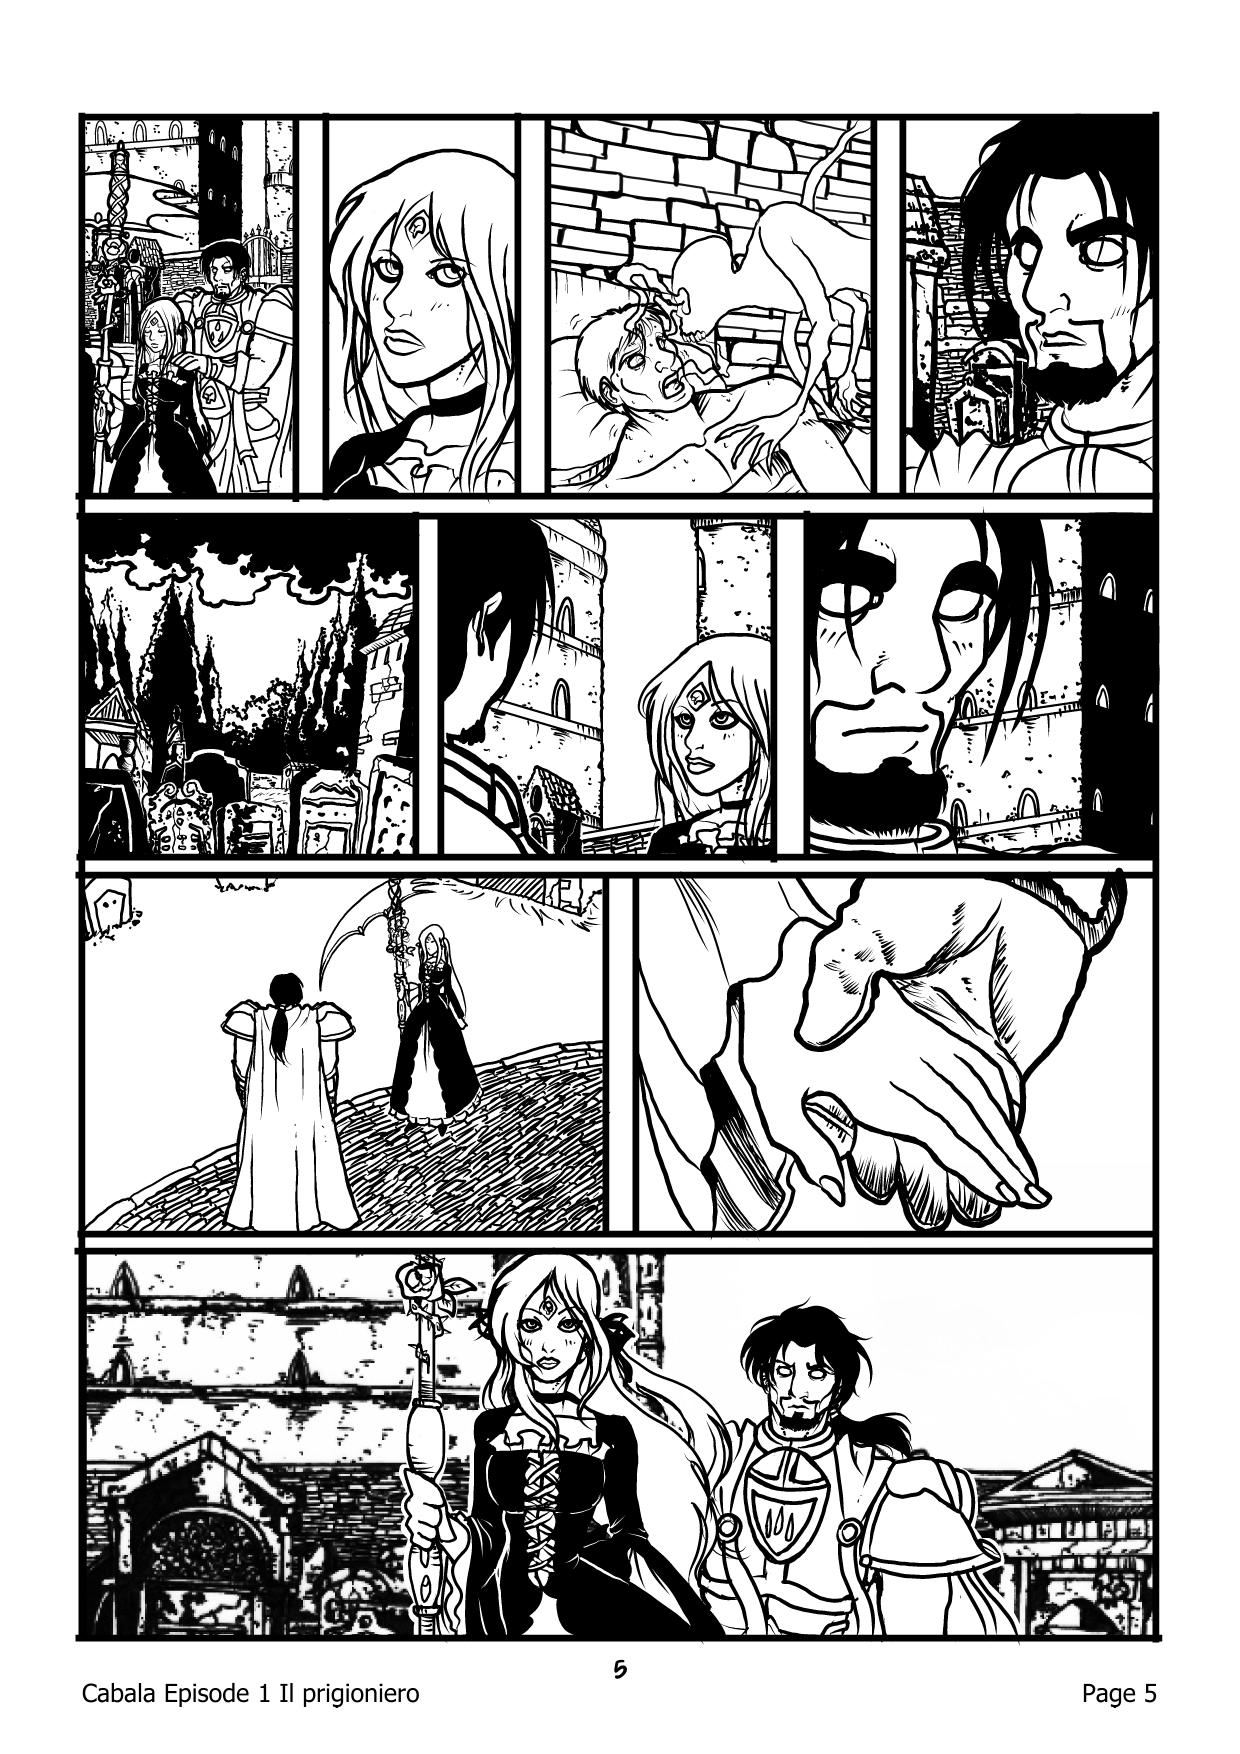 Page 5 B/W Version